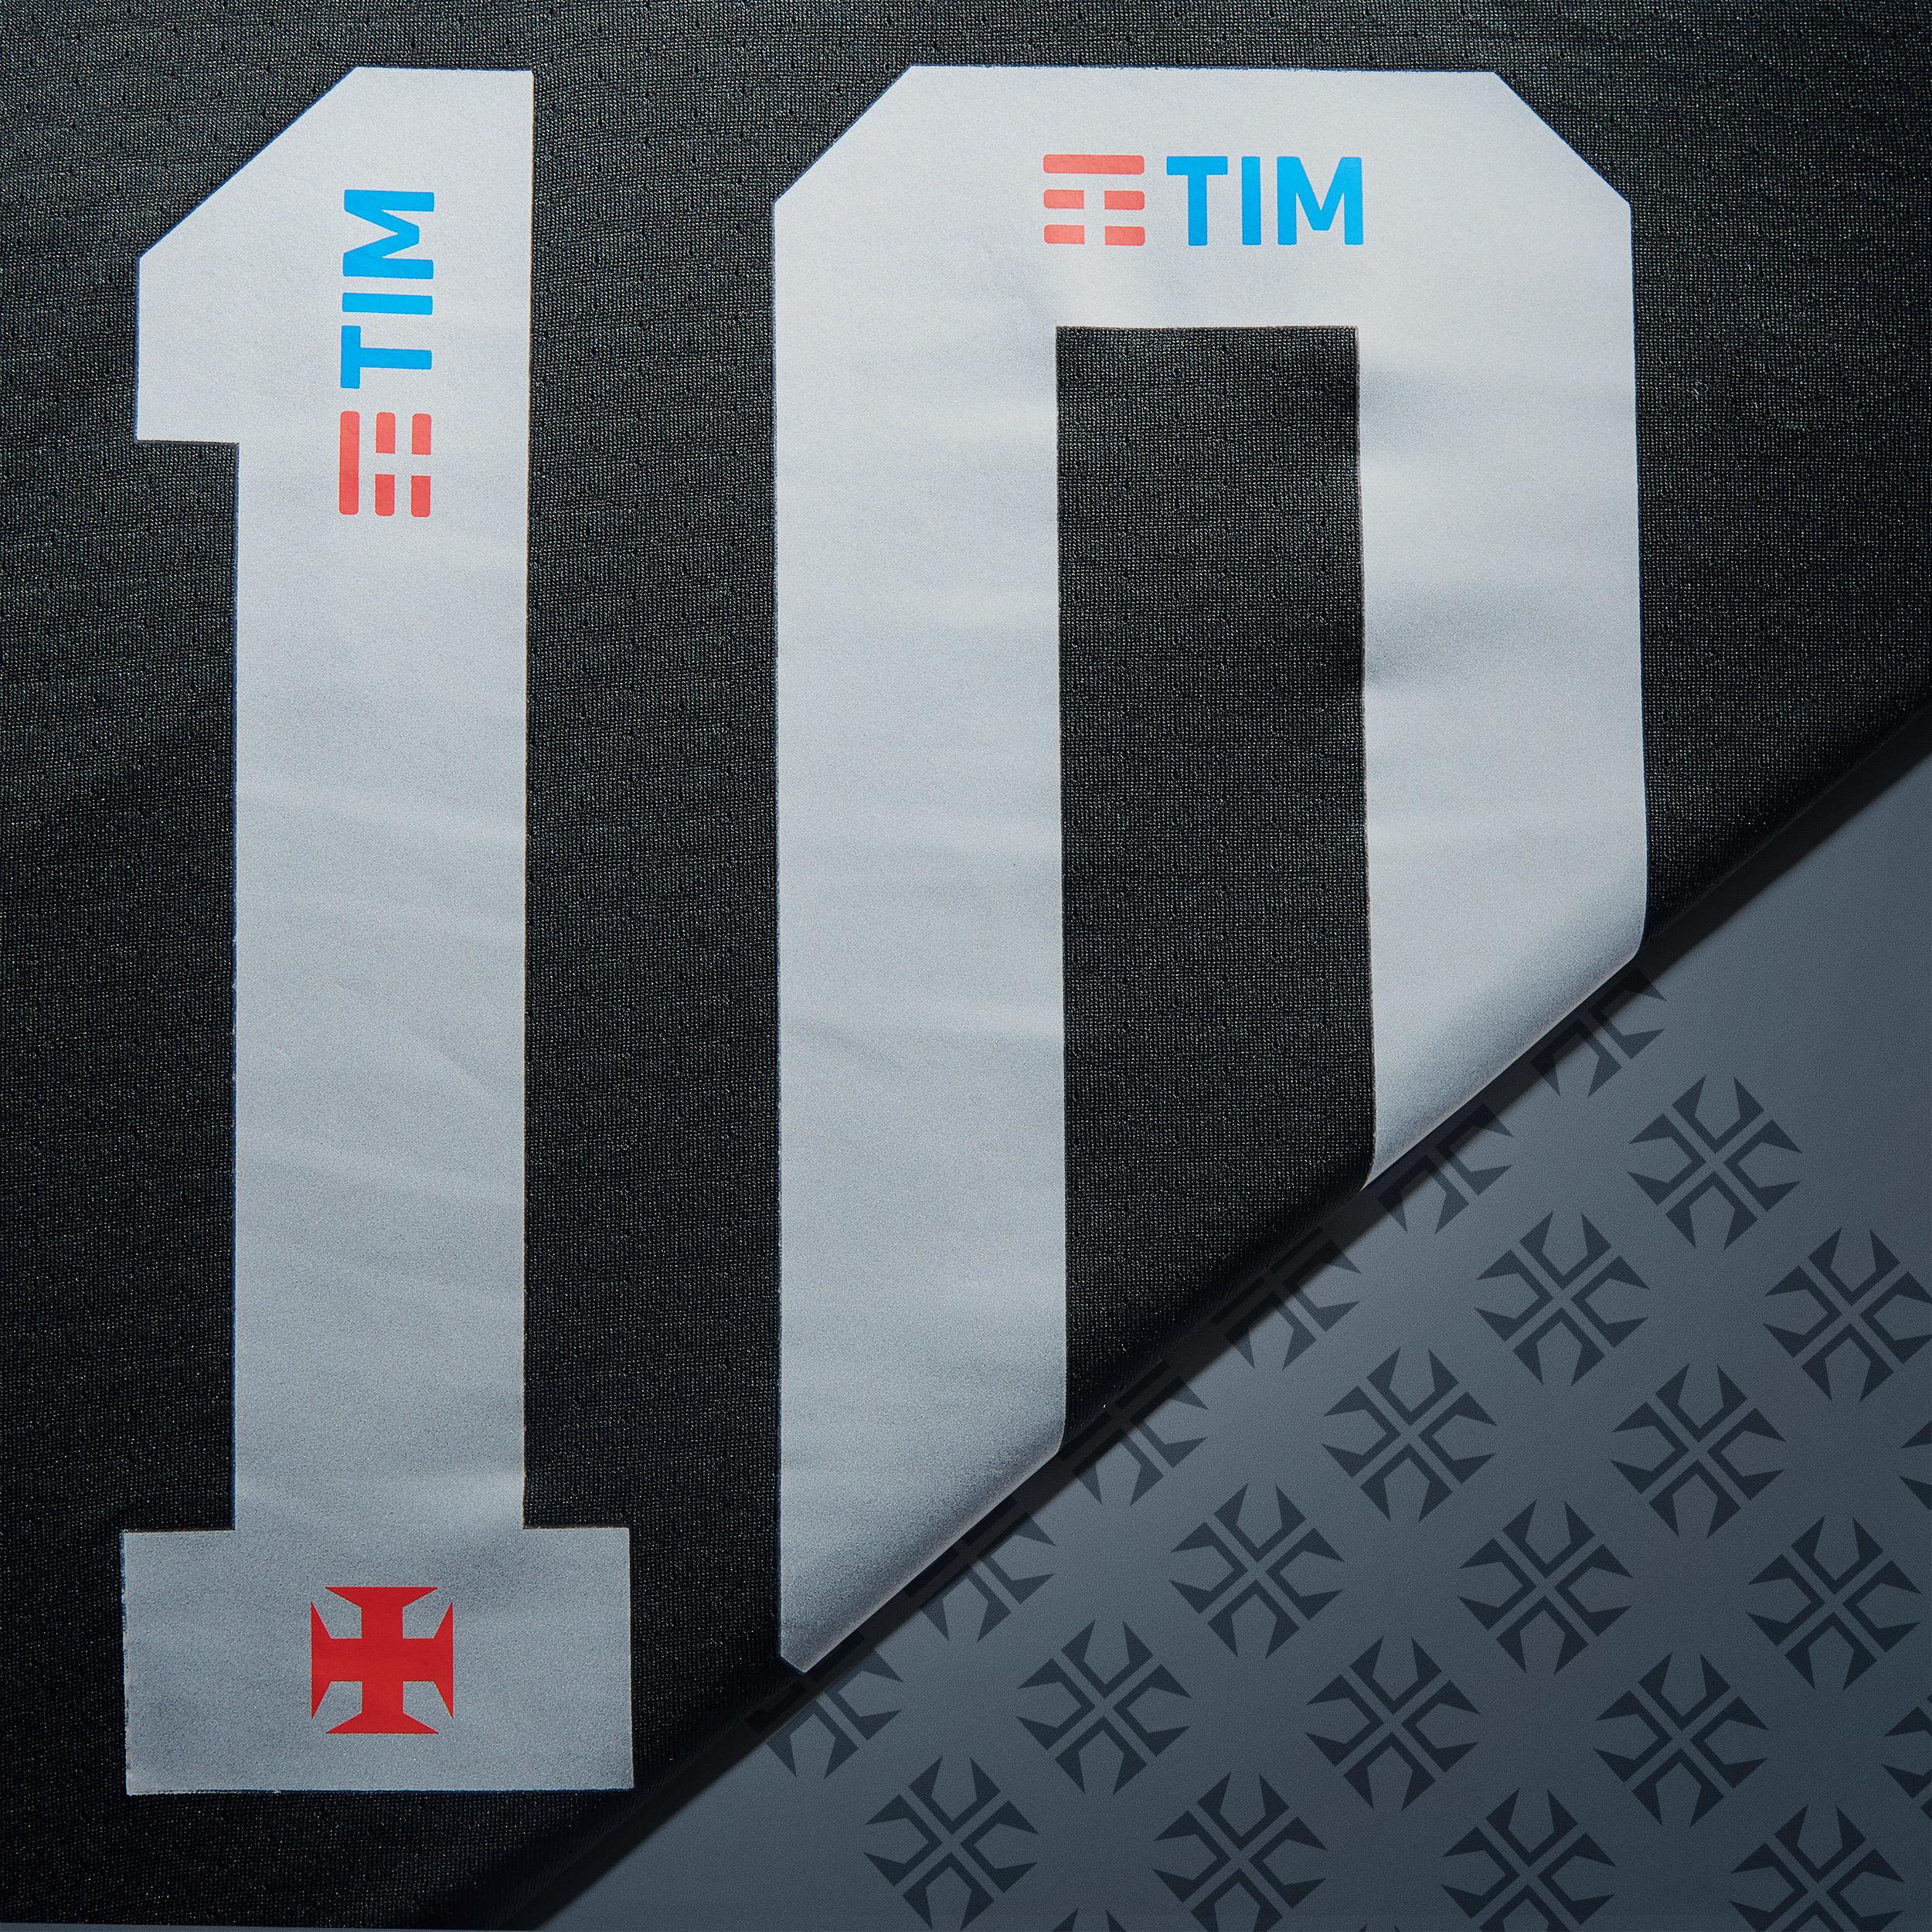 87bbed90e184d Outra novidade está na fonte das letras e números remodelados em modelo  retrô